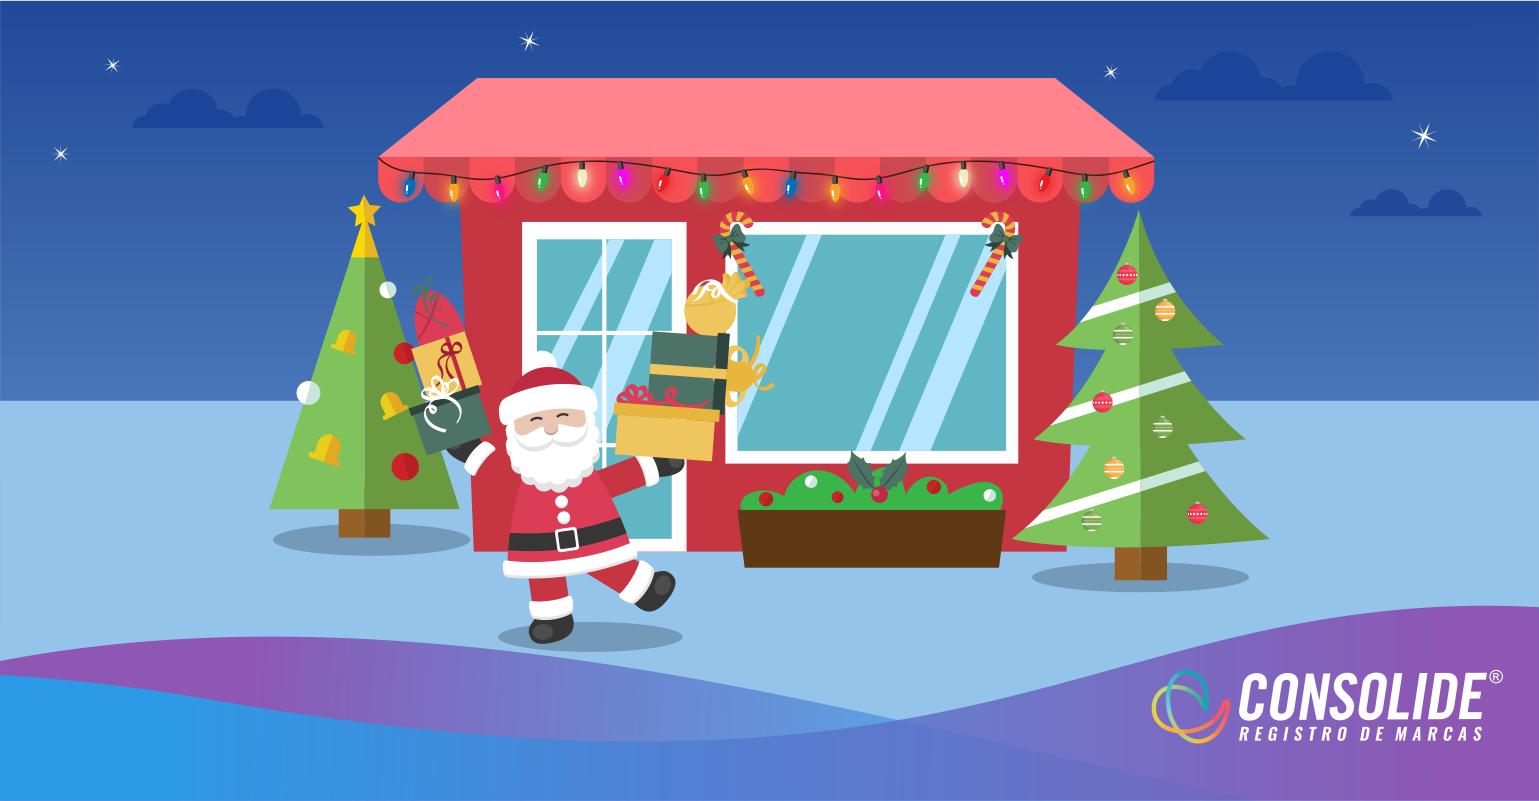 Natal 2019: 7 dicas para vender mais sem mexer muito no bolso